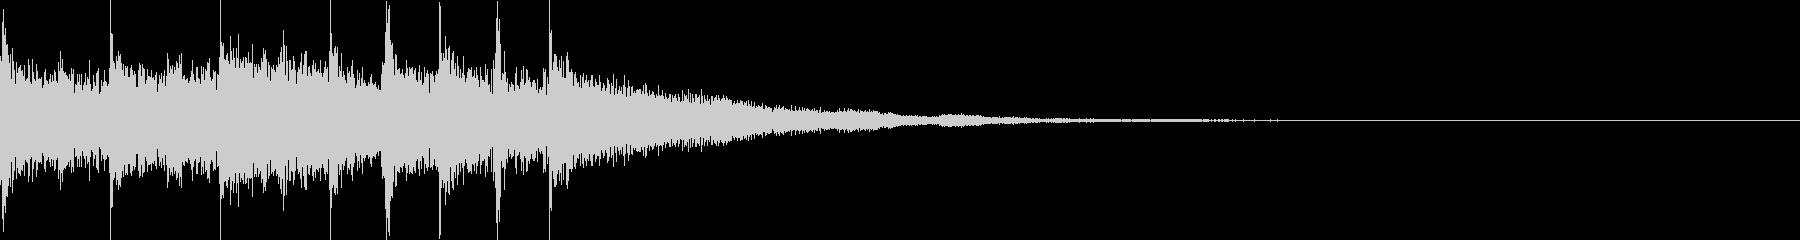 ライトロック/一般ロック/インスト...の未再生の波形